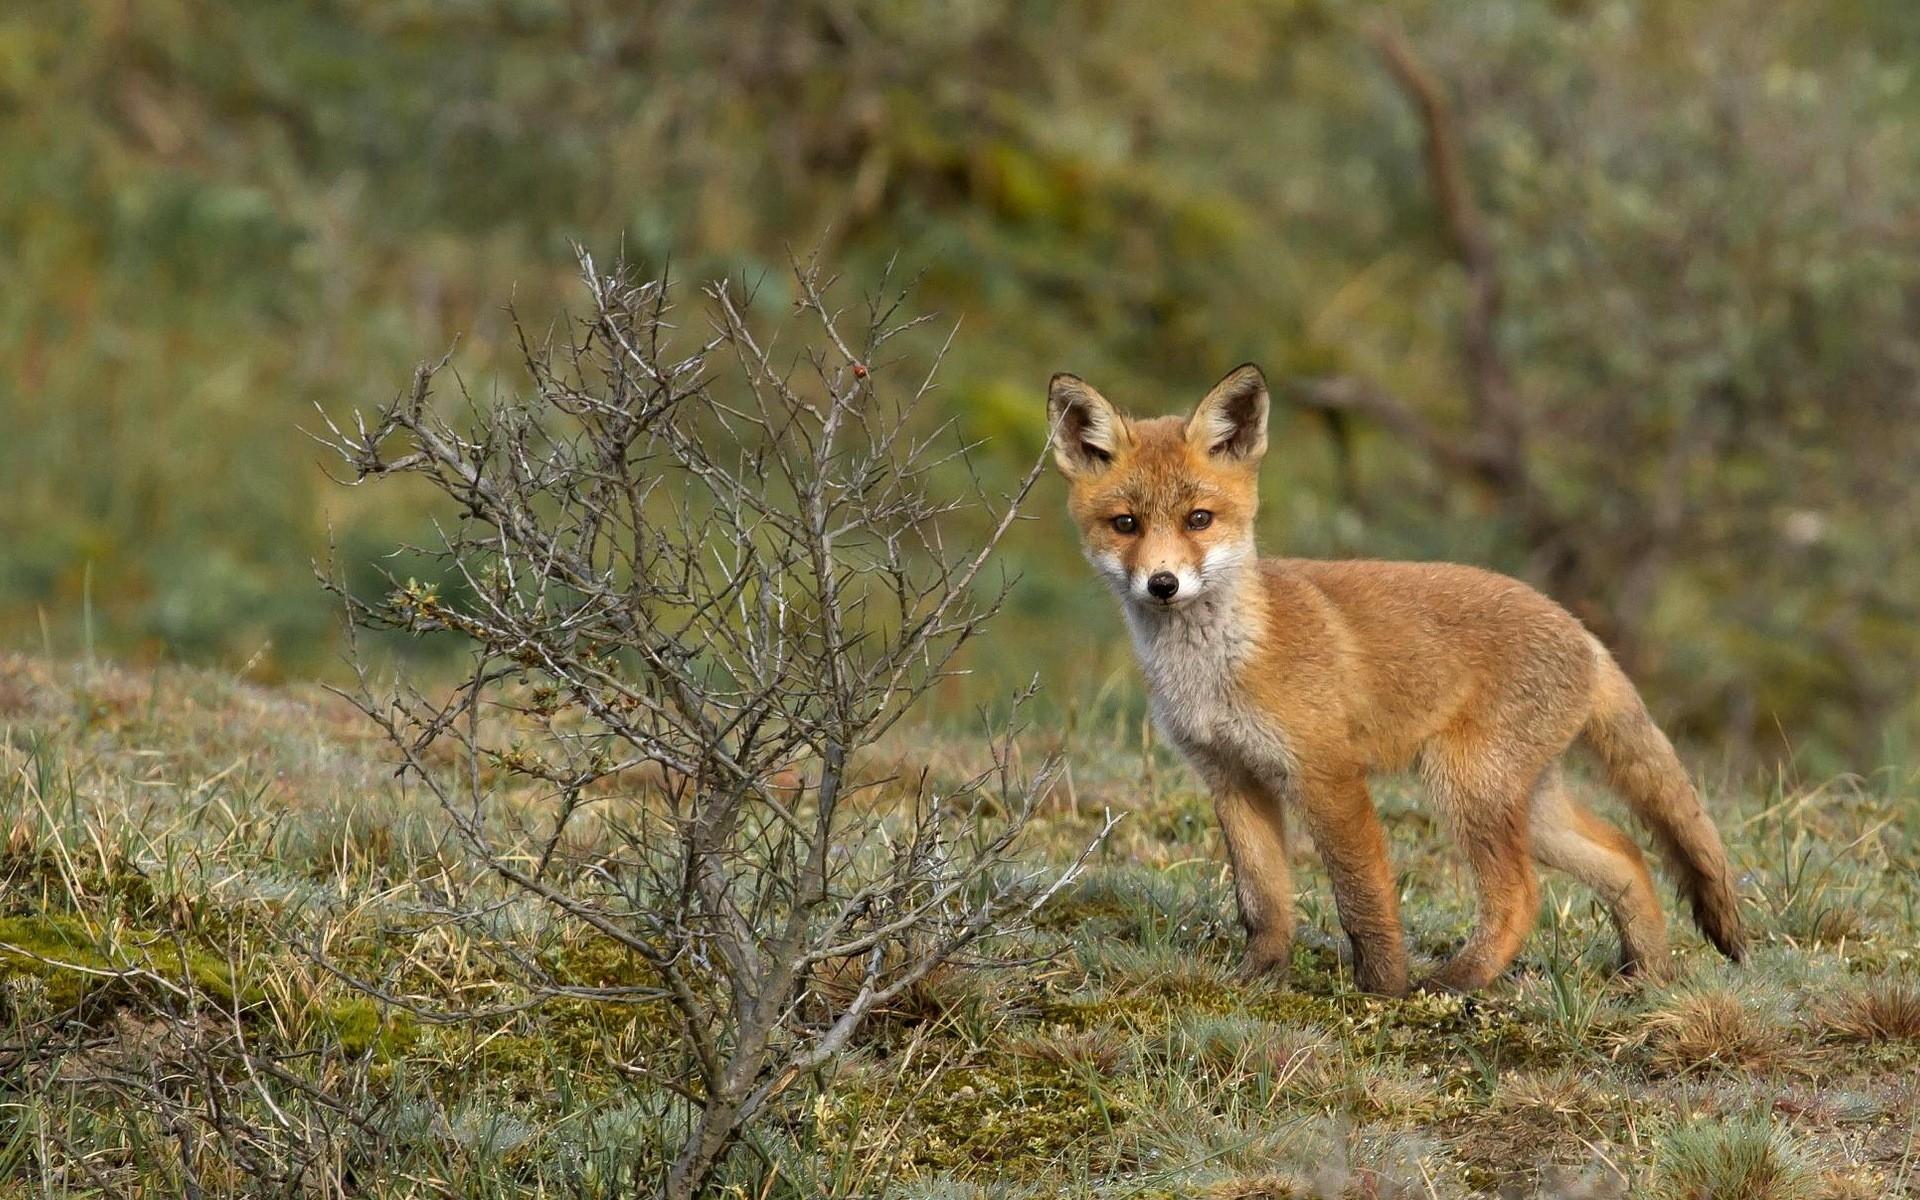 デスクトップ壁紙 : 野生動物, 狐, コヨーテ, グレイフォックス ...